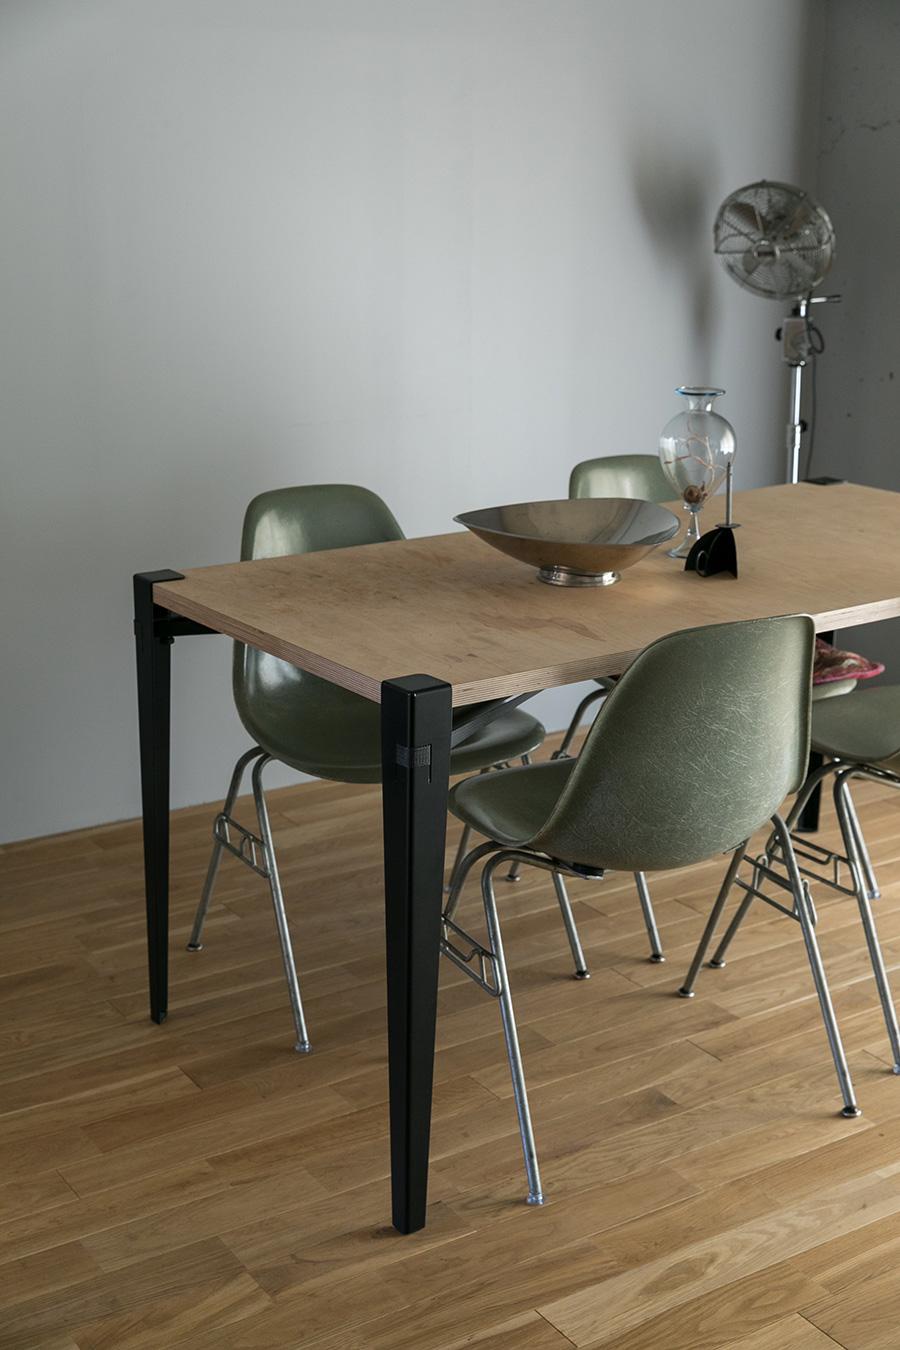 好みのサイズの天板をテーブルにできるフロイドレッグで、ダイニングテーブルをハンドメイド。